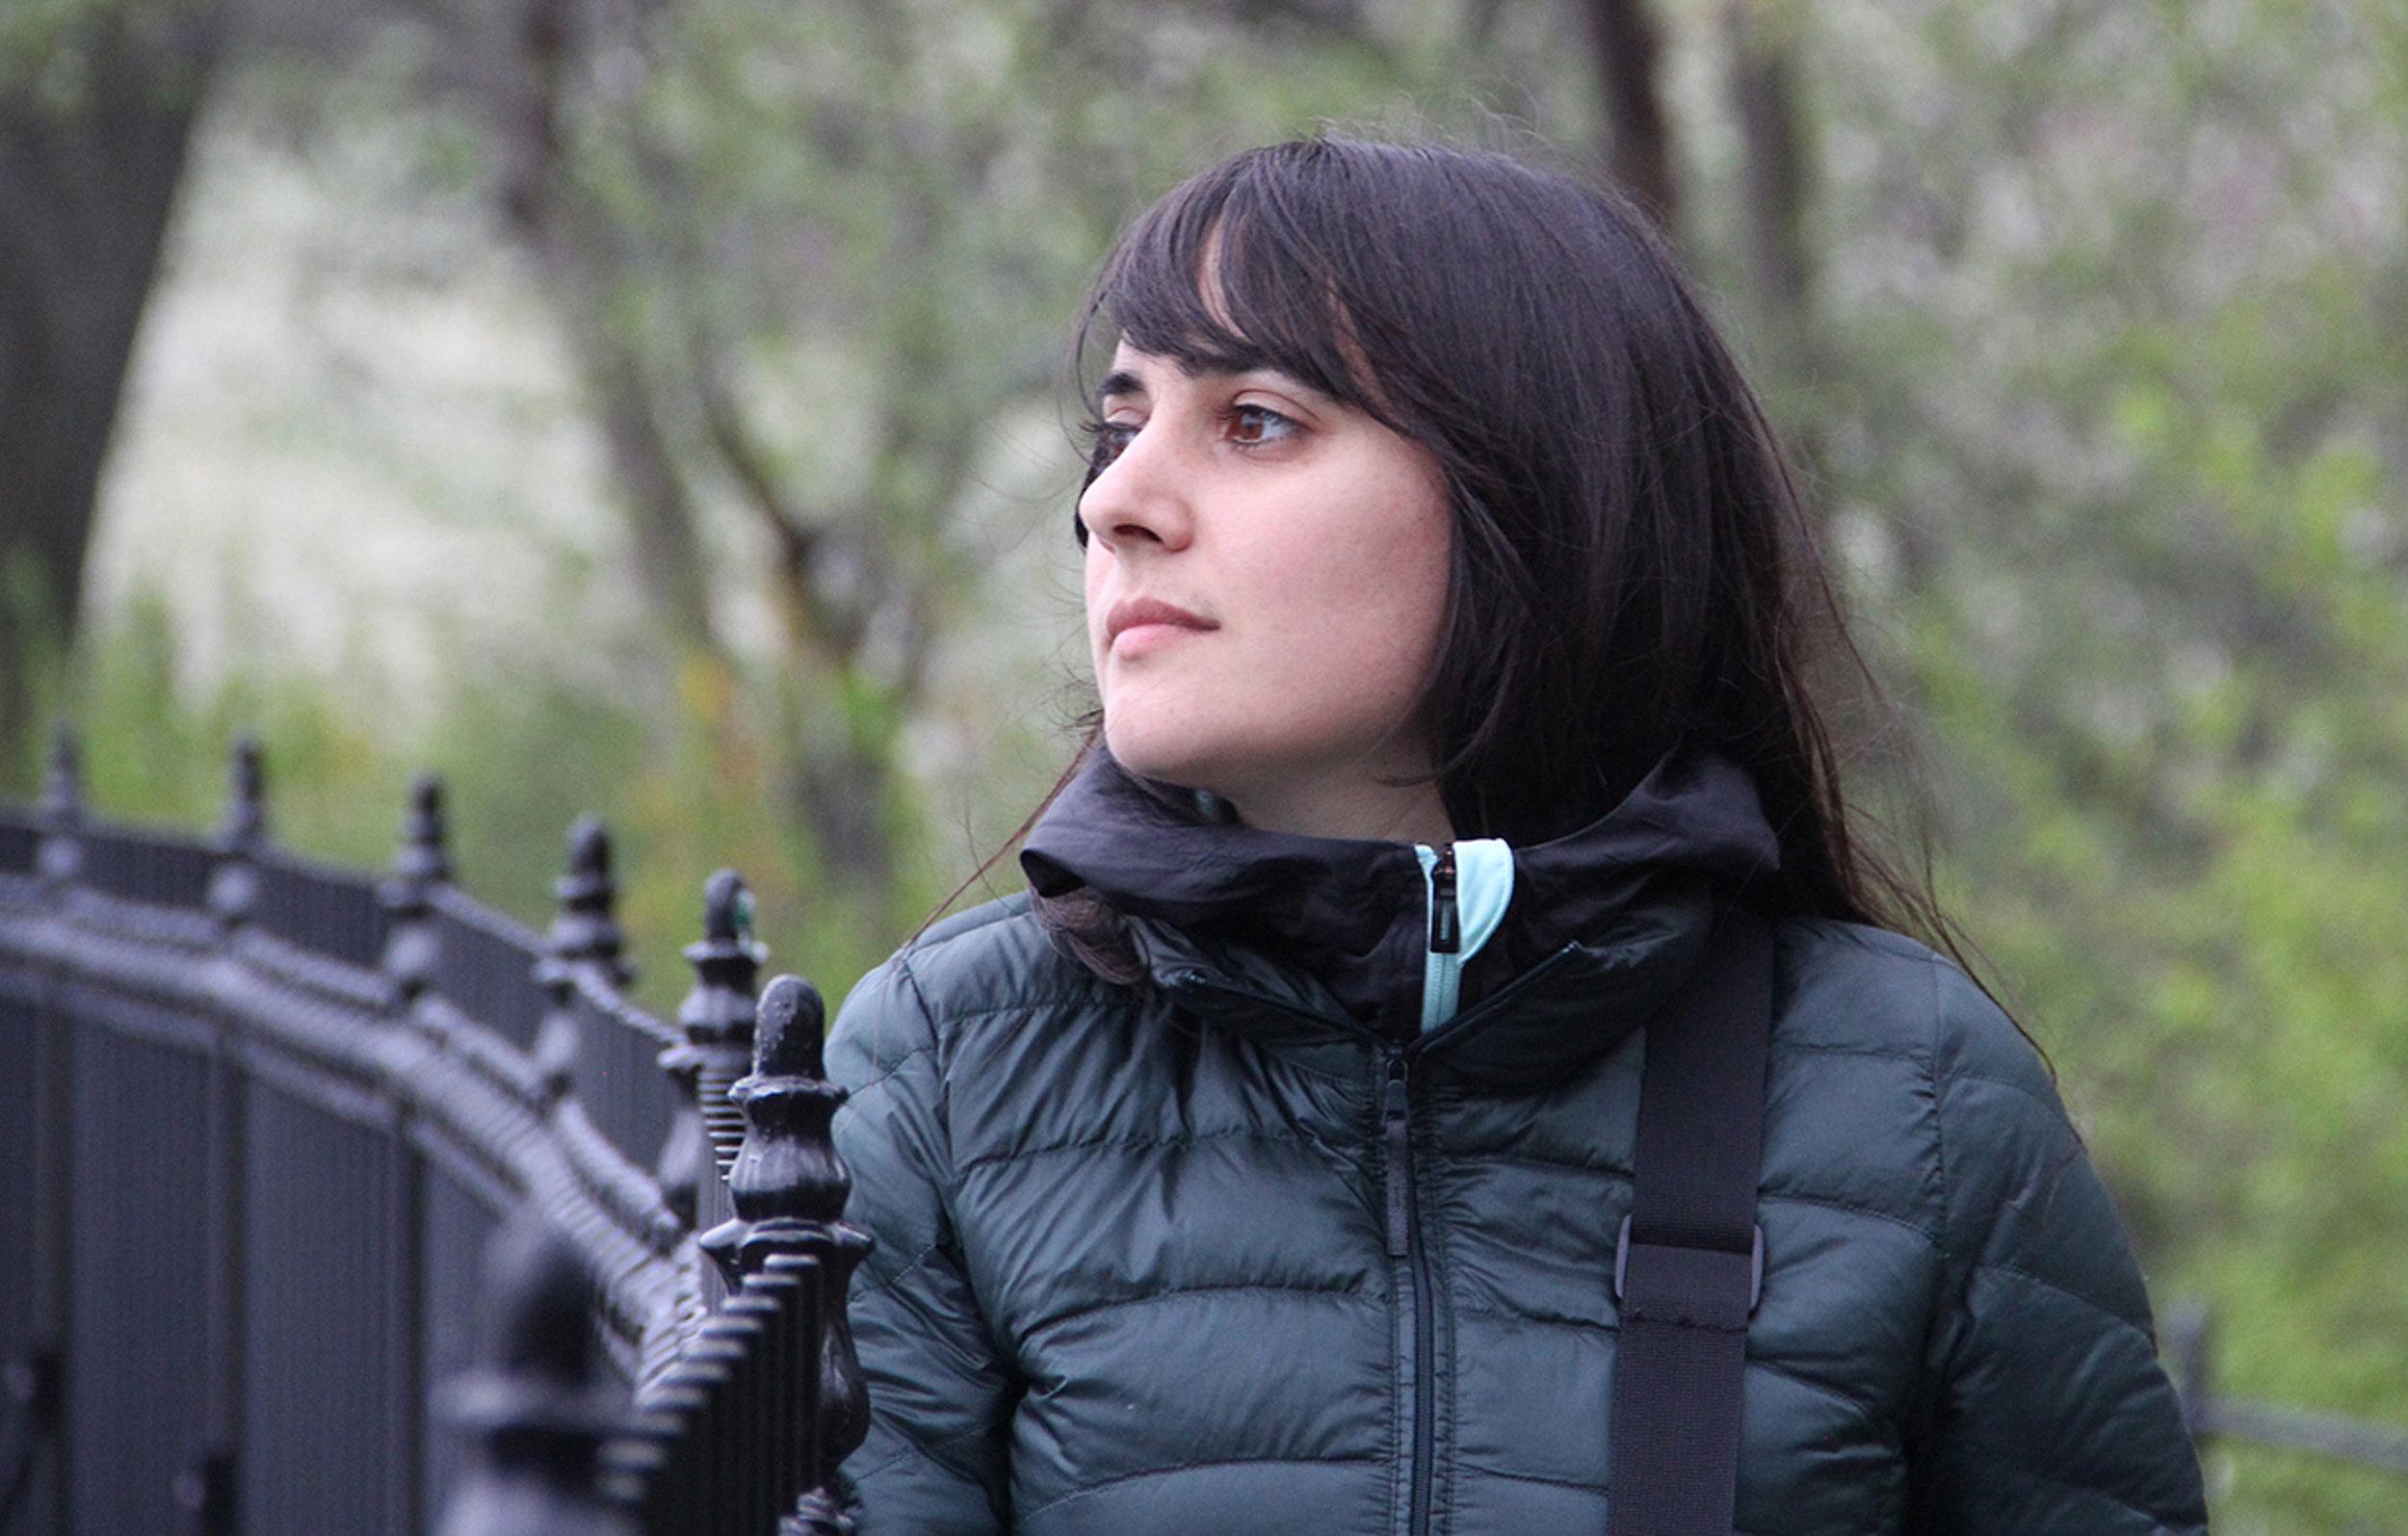 Luciana Digiglio